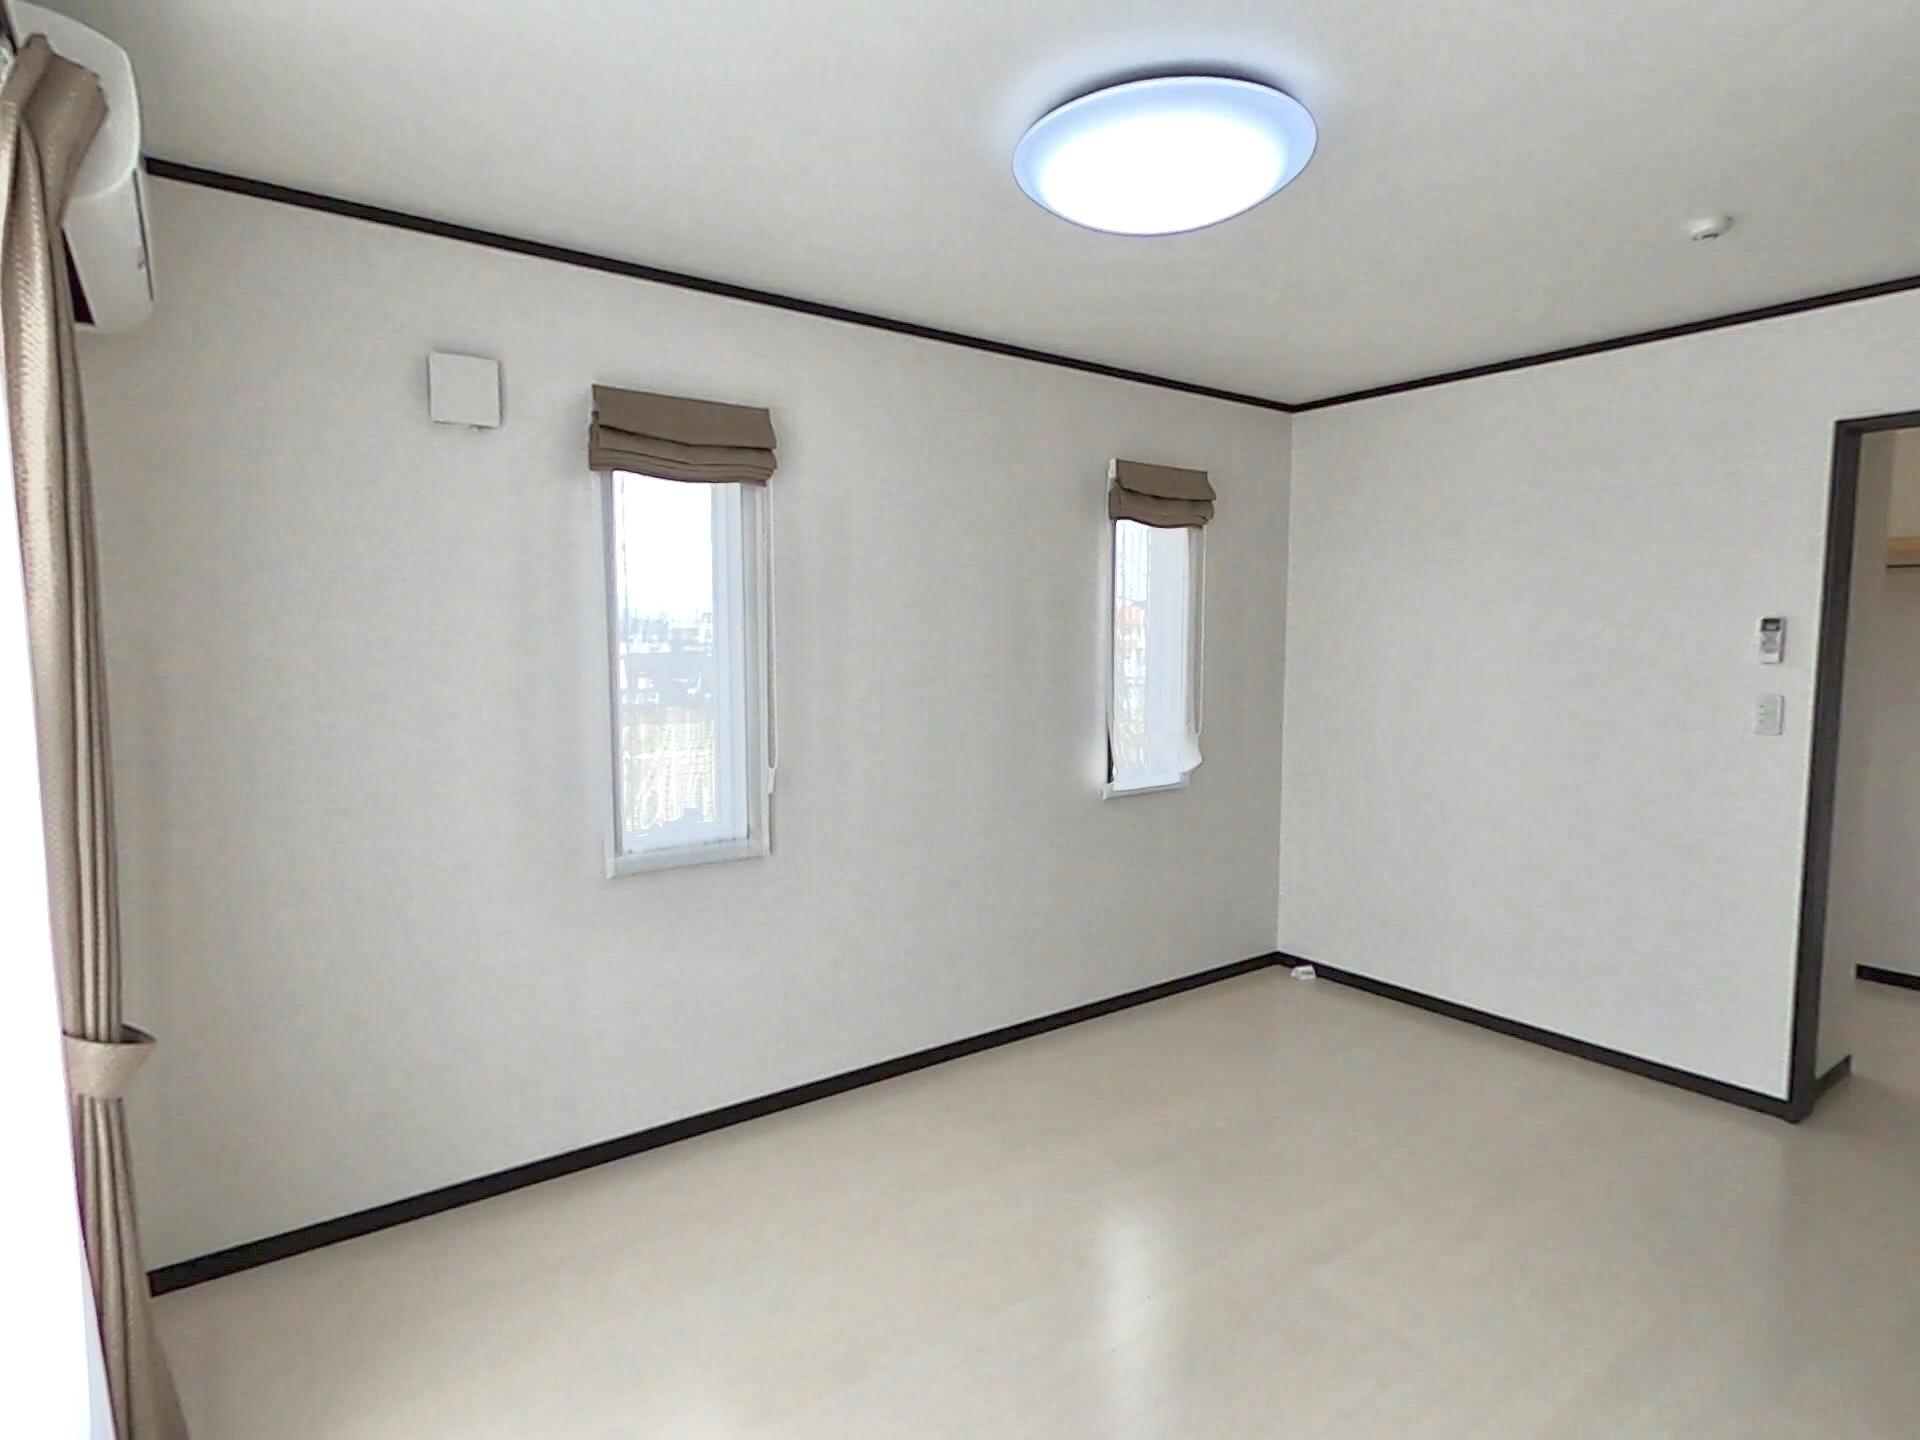 ハウジング松本【浜松市南区中田島町544-1・モデルハウス】2Fのスペースの1室。2Fには4部屋確保し、子供部屋や寝室として多目的に使える